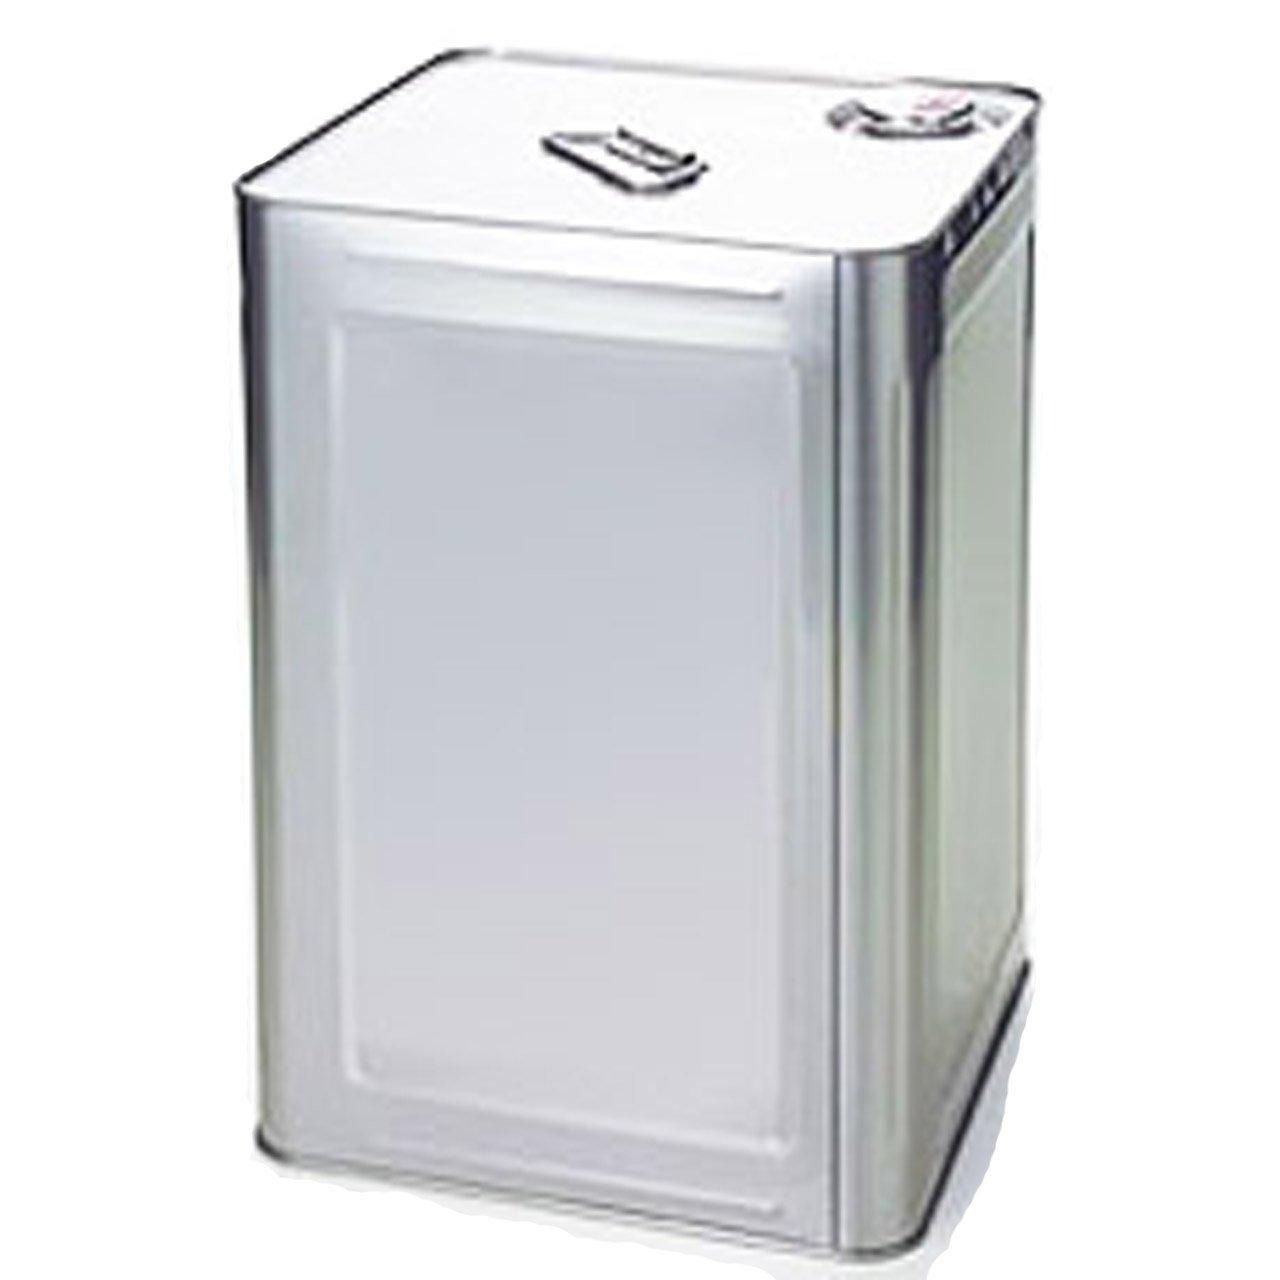 16L( 一斗缶 ): 関連商品を ...